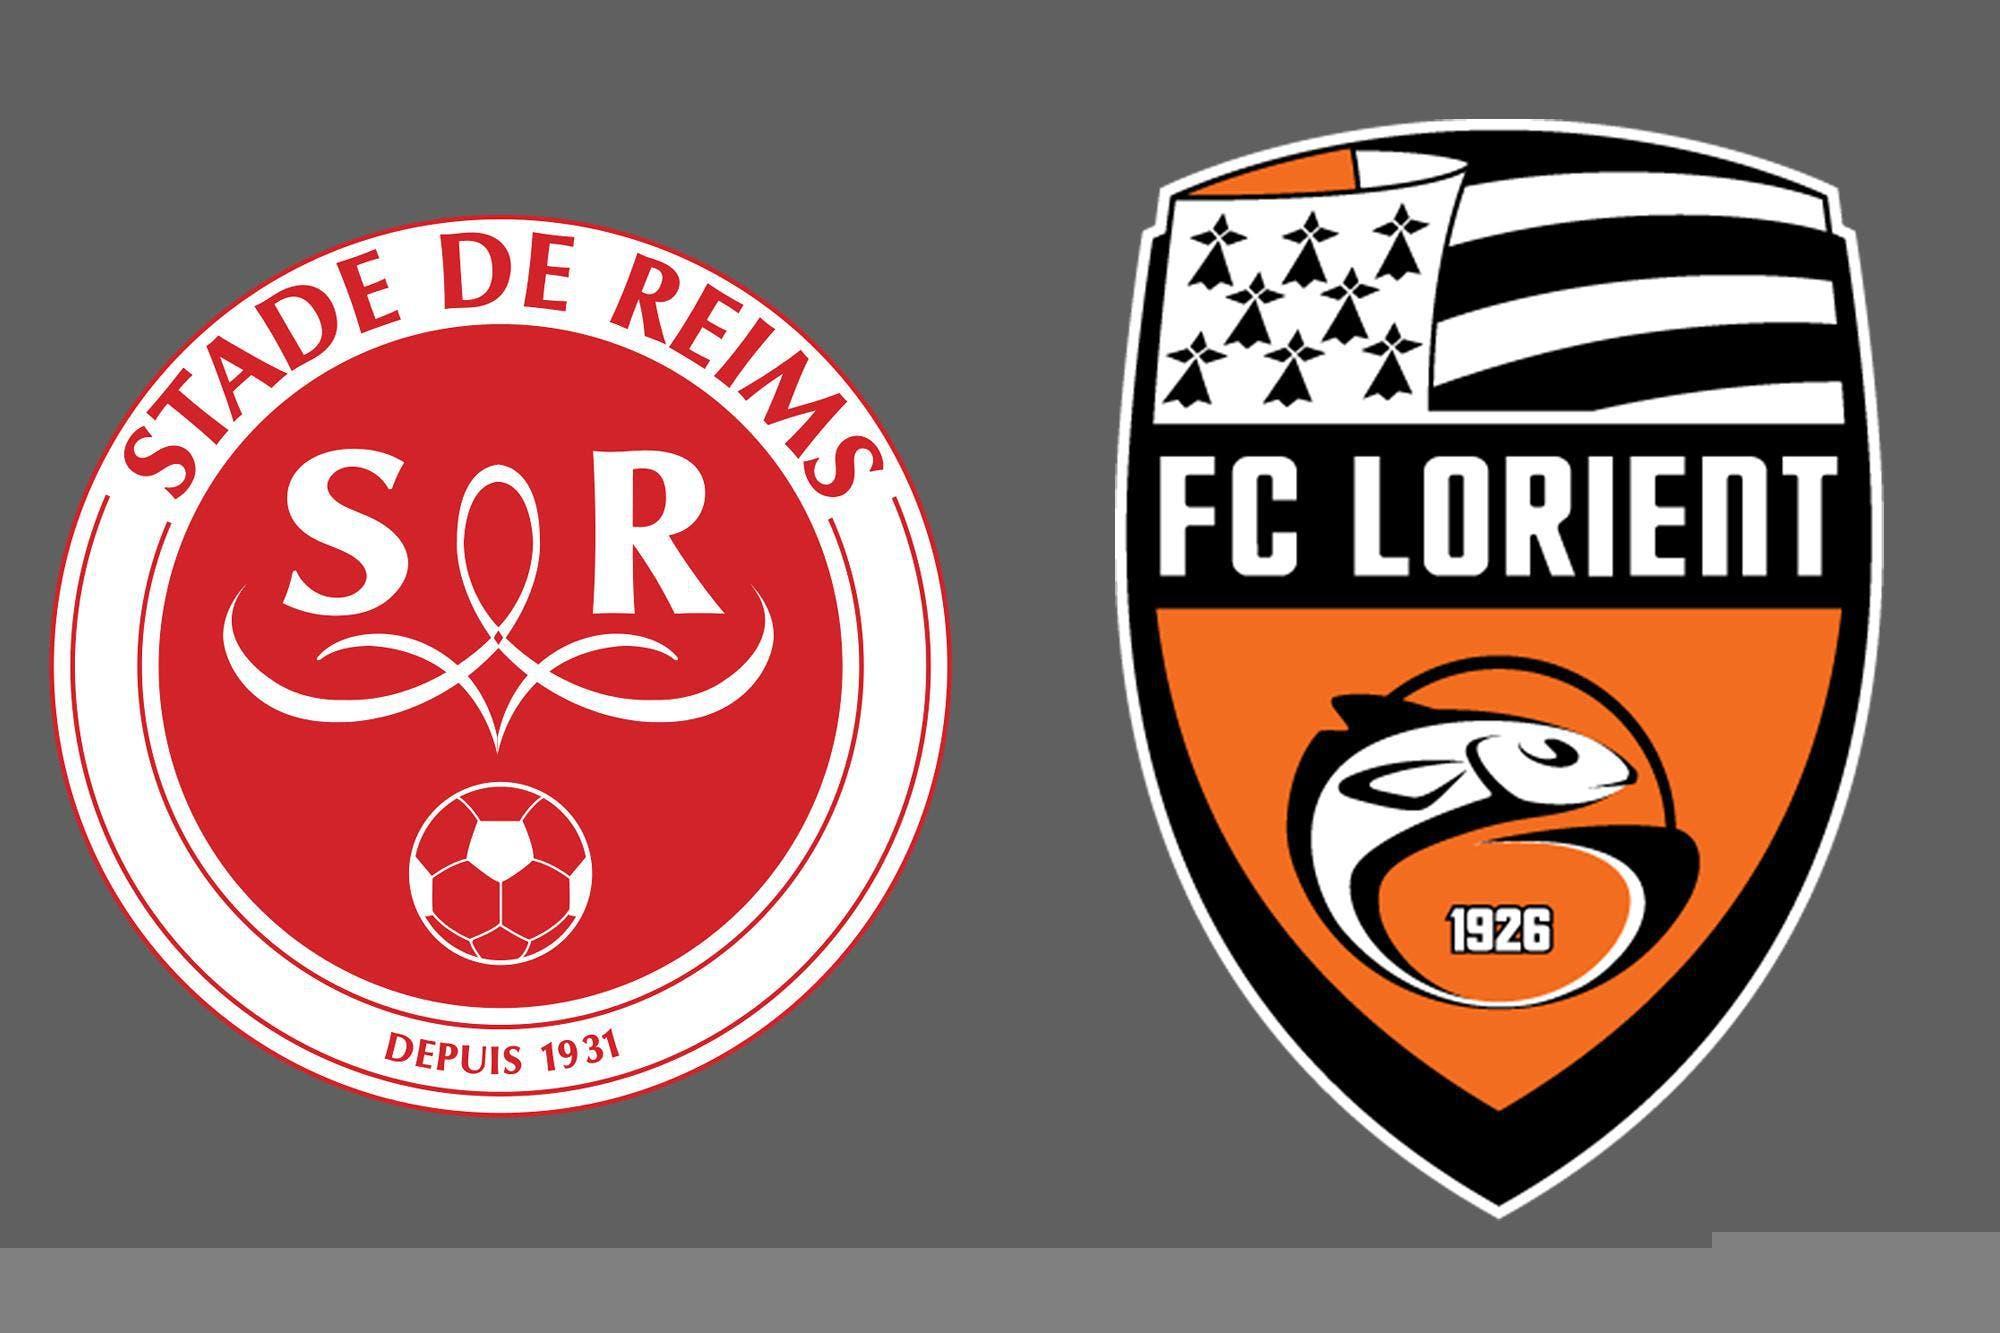 Ligue 1 de Francia: Lorient venció por 3-1 a Reims como visitante